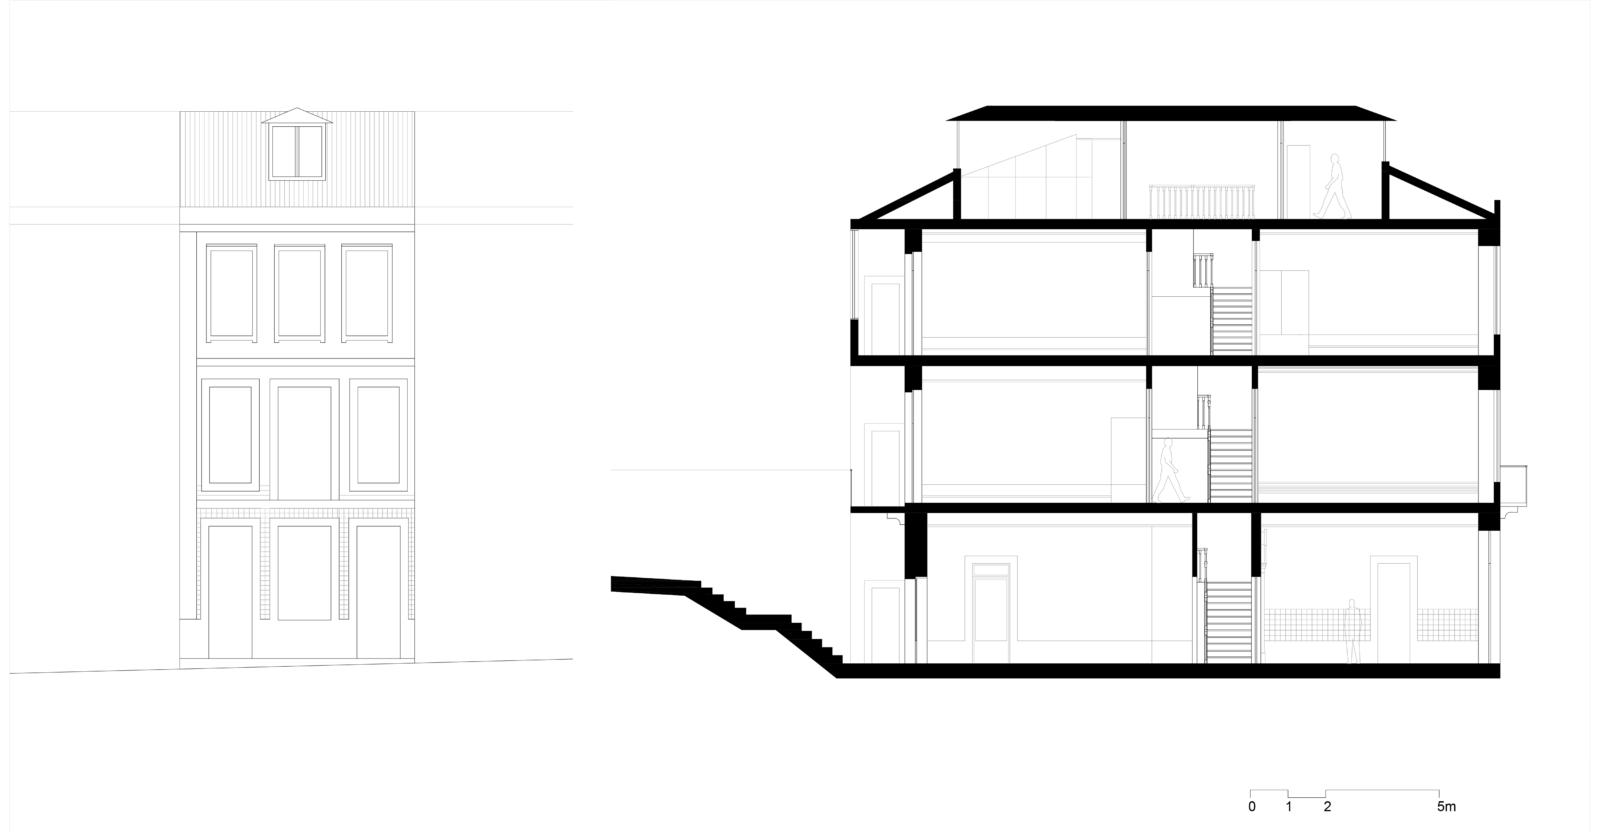 Alçado e corte longitudinal